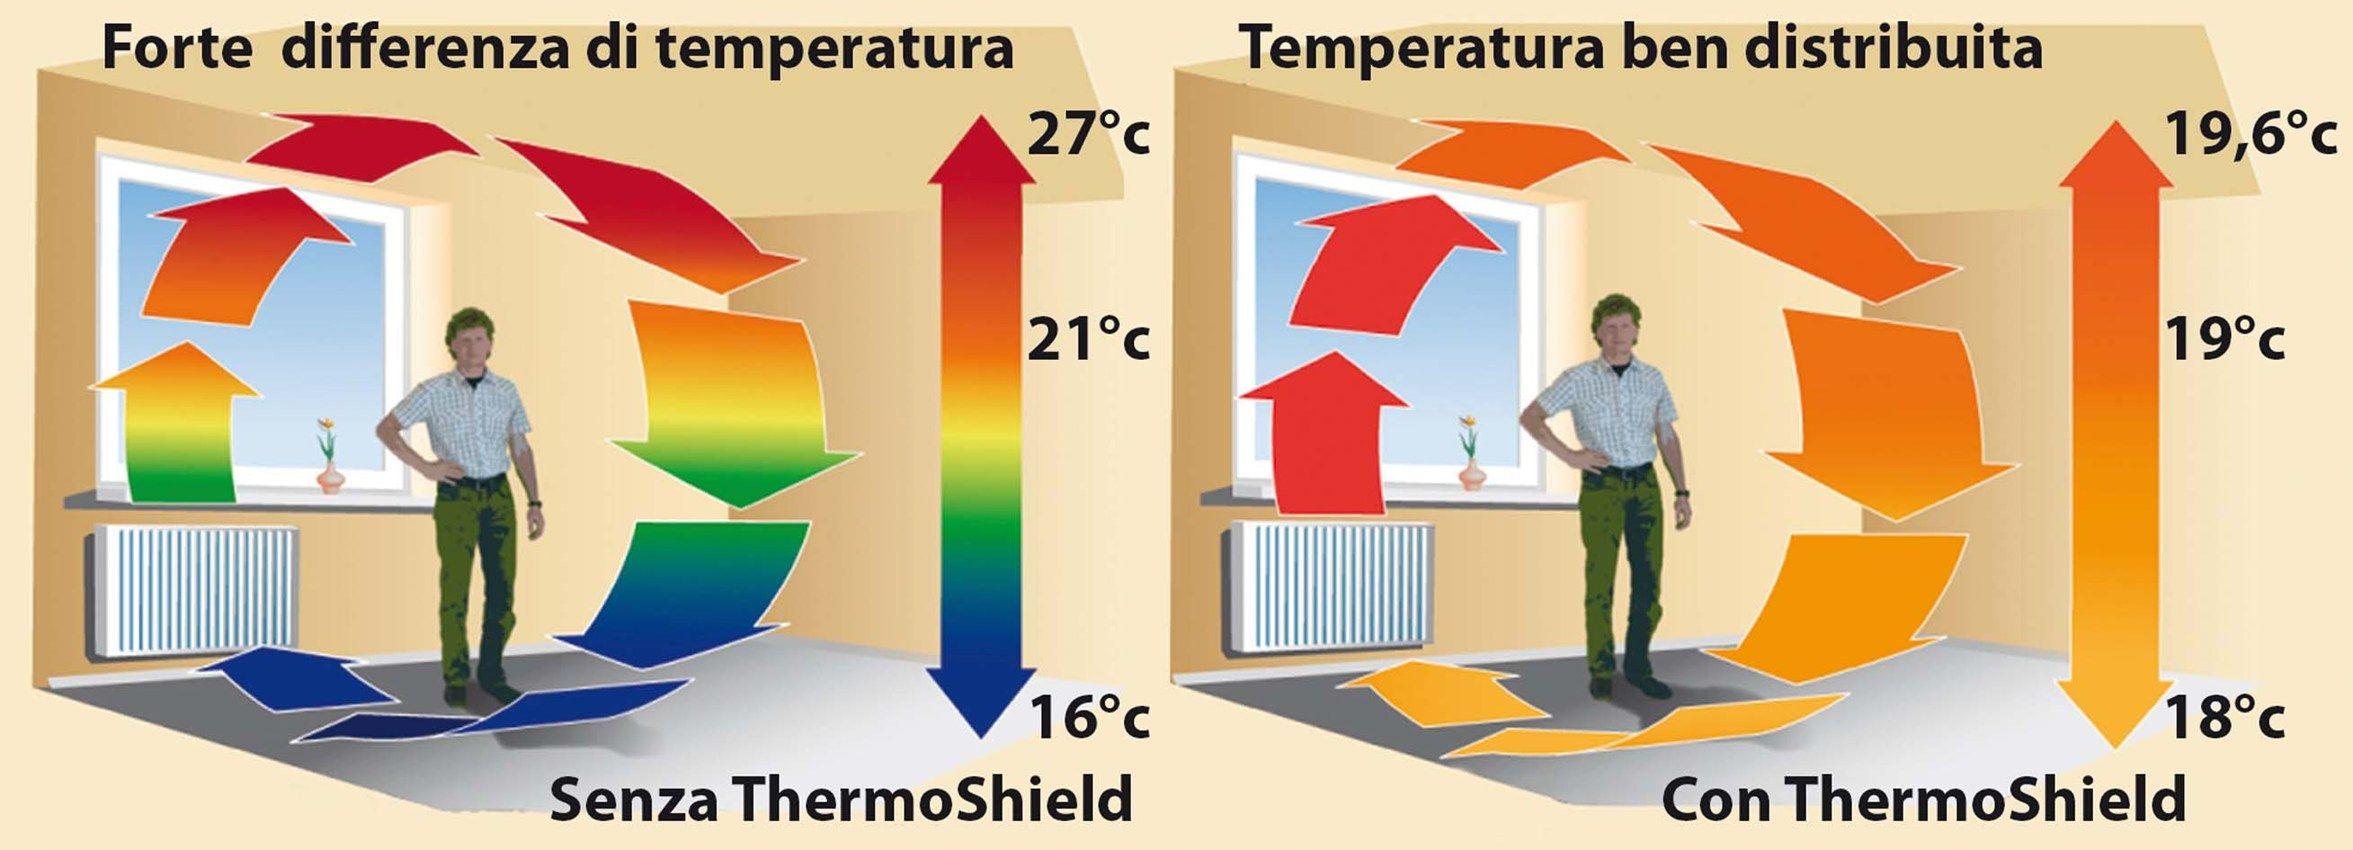 ThermoShield di Tecnova Group, il risparmio energetico non è mai stato così facile